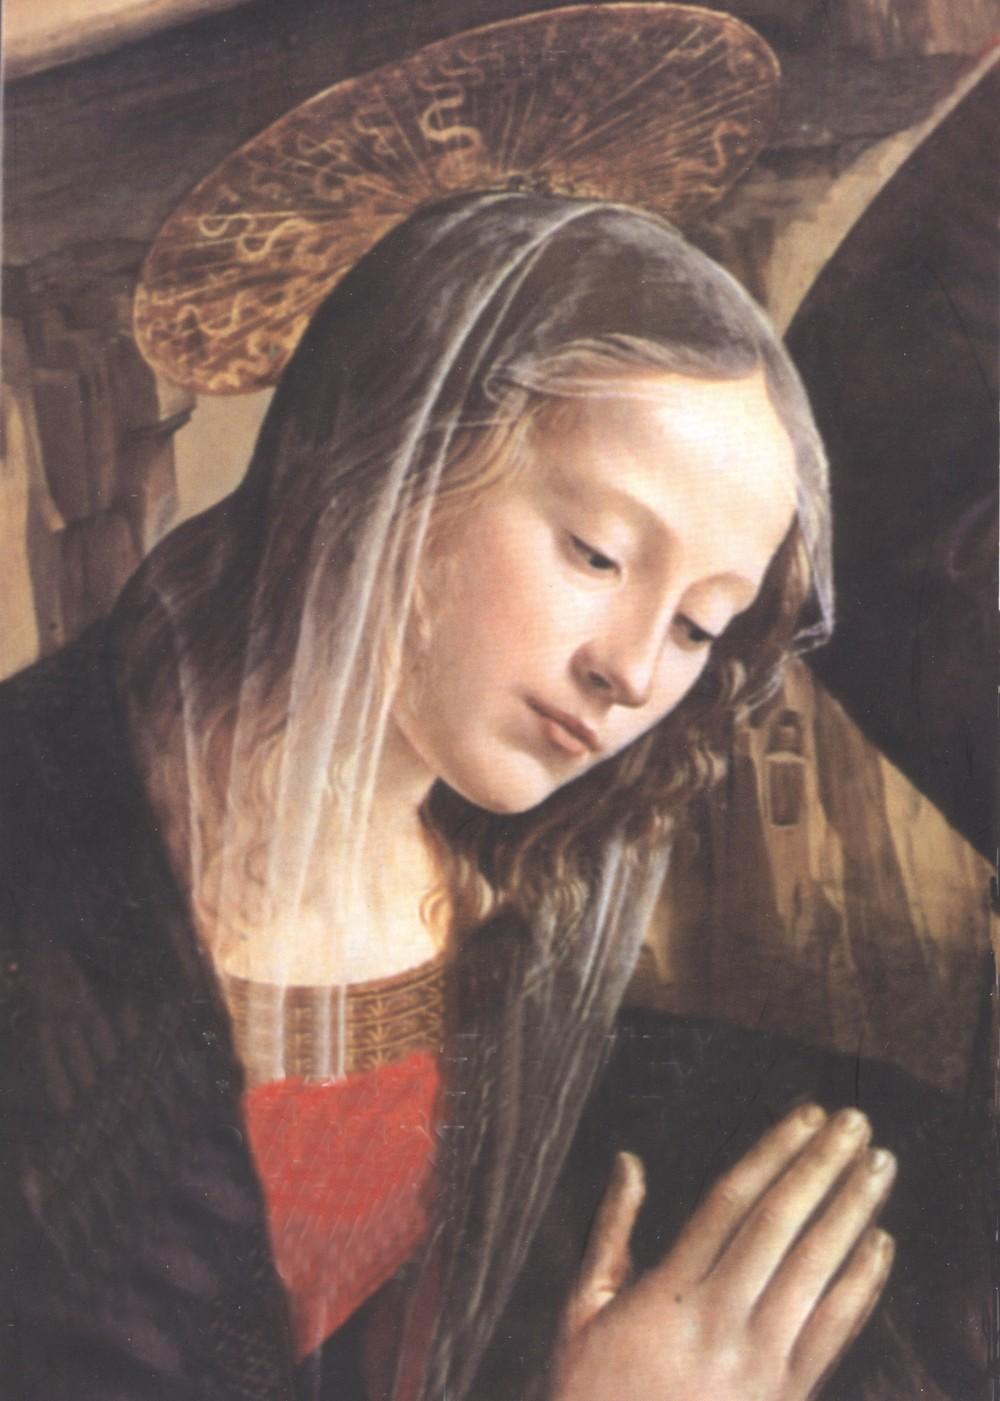 e48f889f418 Testimonials - Padre Pio DevotionsPadre Pio Devotions